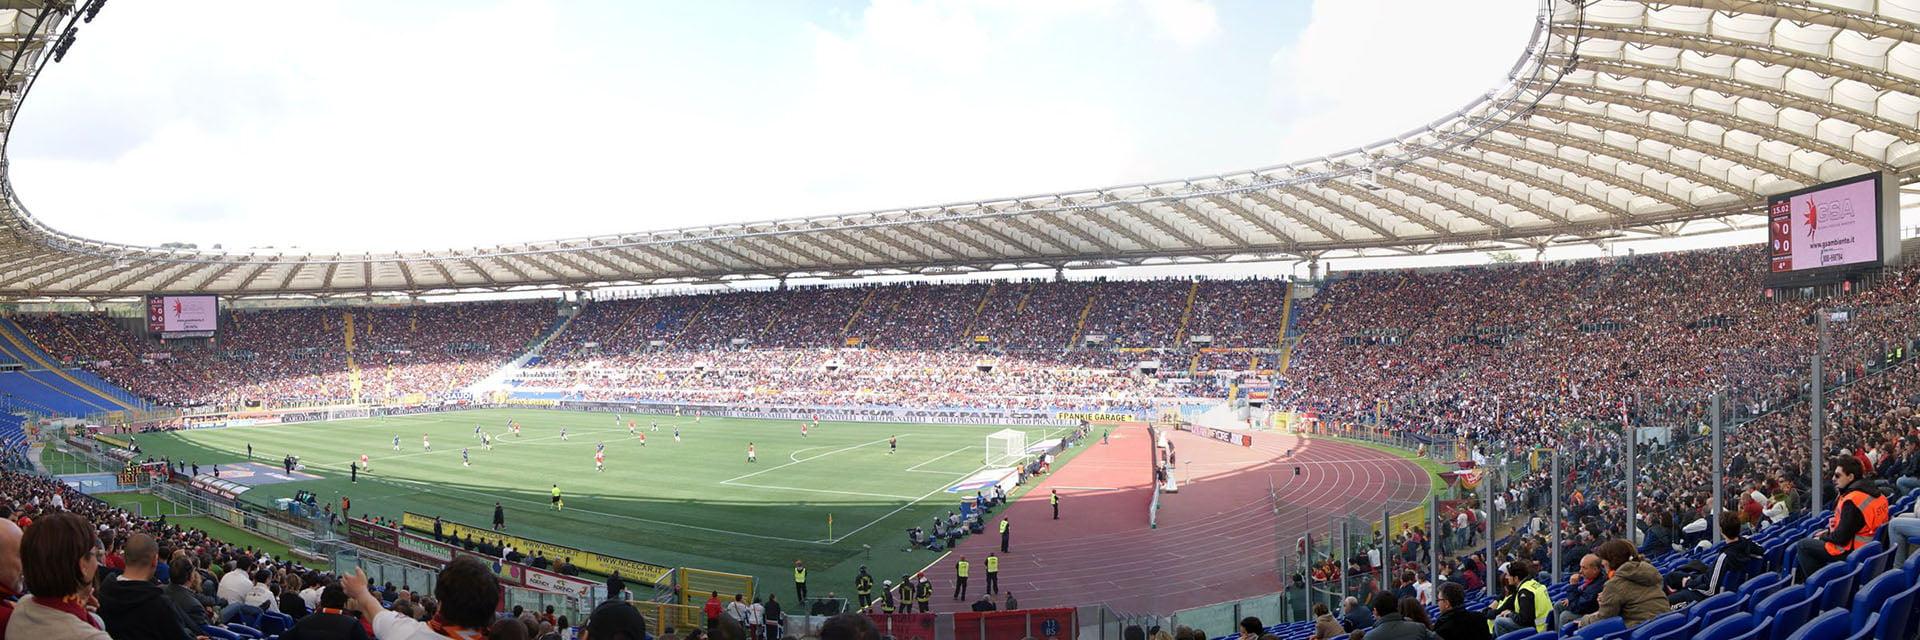 AS Roma - AC Milan, 7 oktoberom 20:45